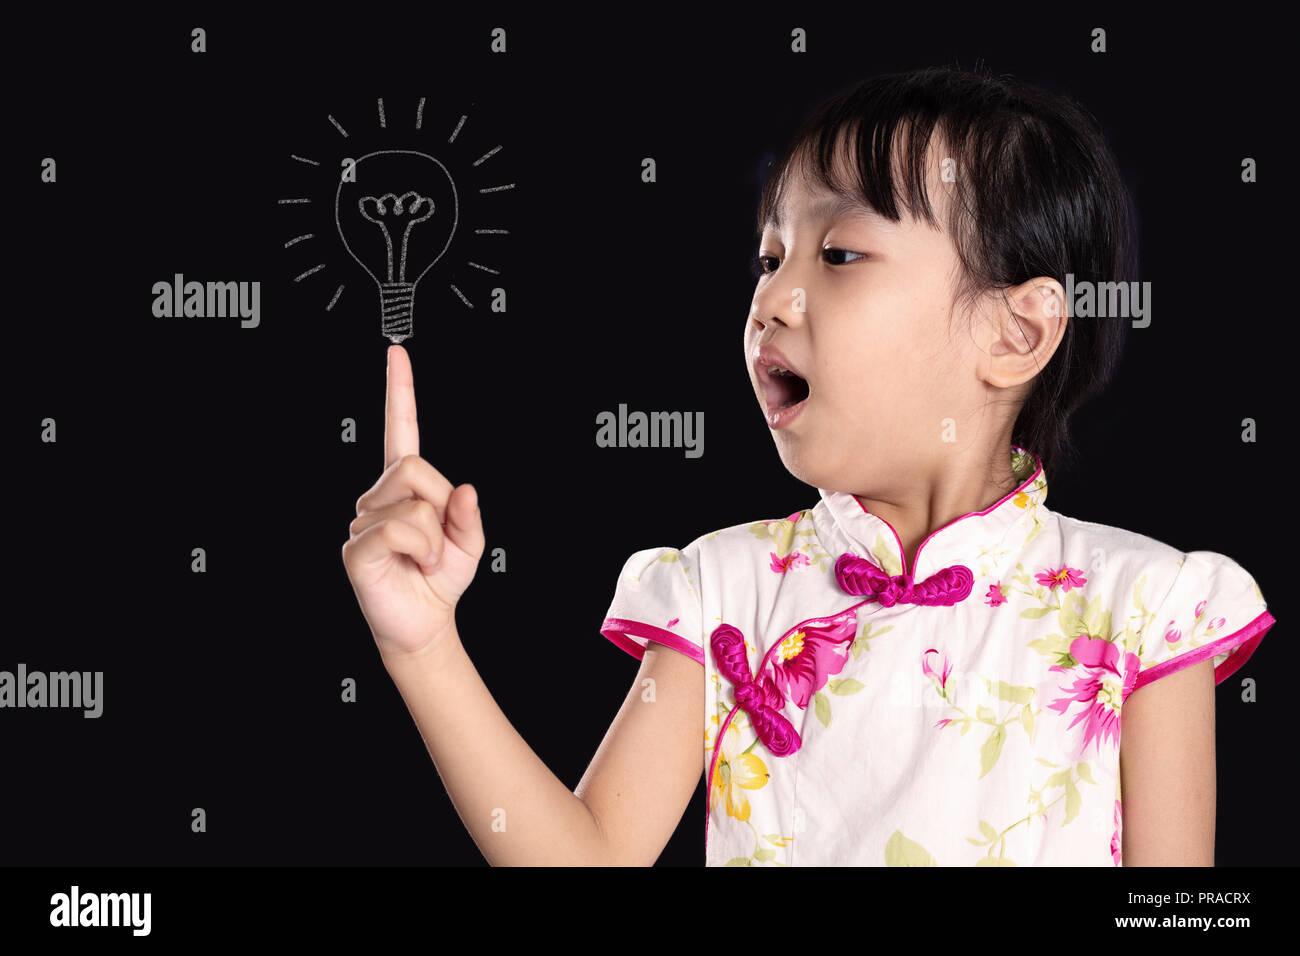 Chinois asiatique petite fille montre de l'index jusqu'à l'ampoule en fond noir isolé Photo Stock